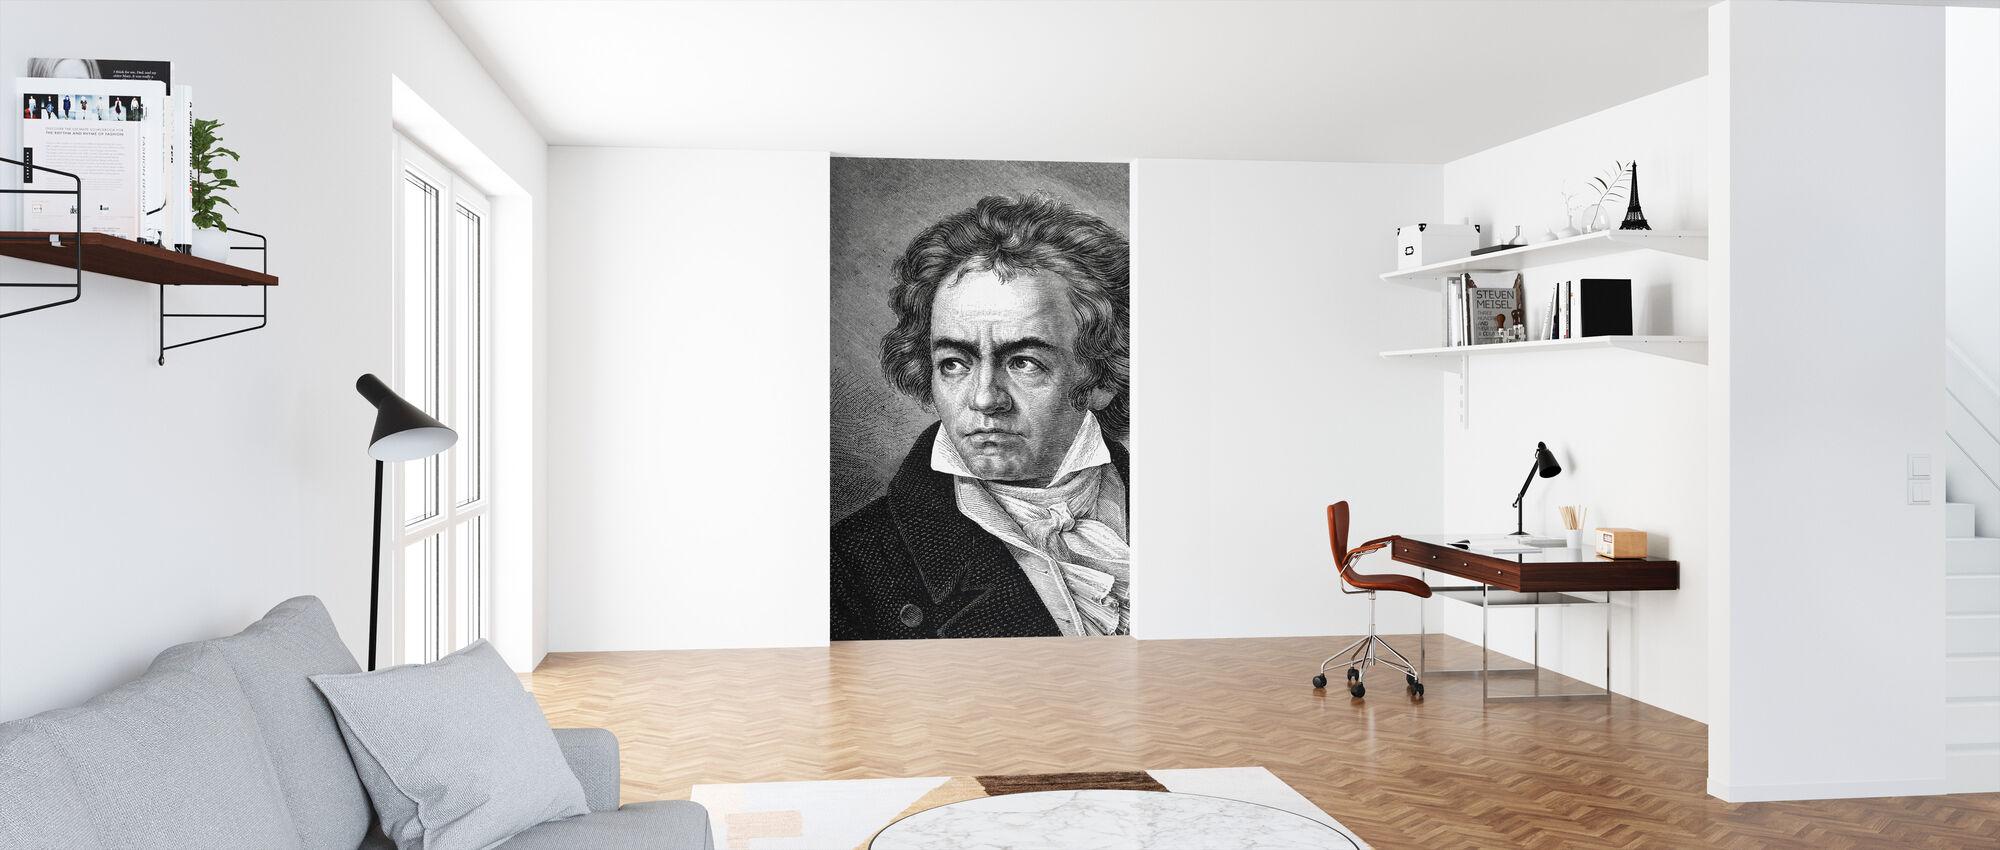 Ludwig van Beethoven - Wallpaper - Office